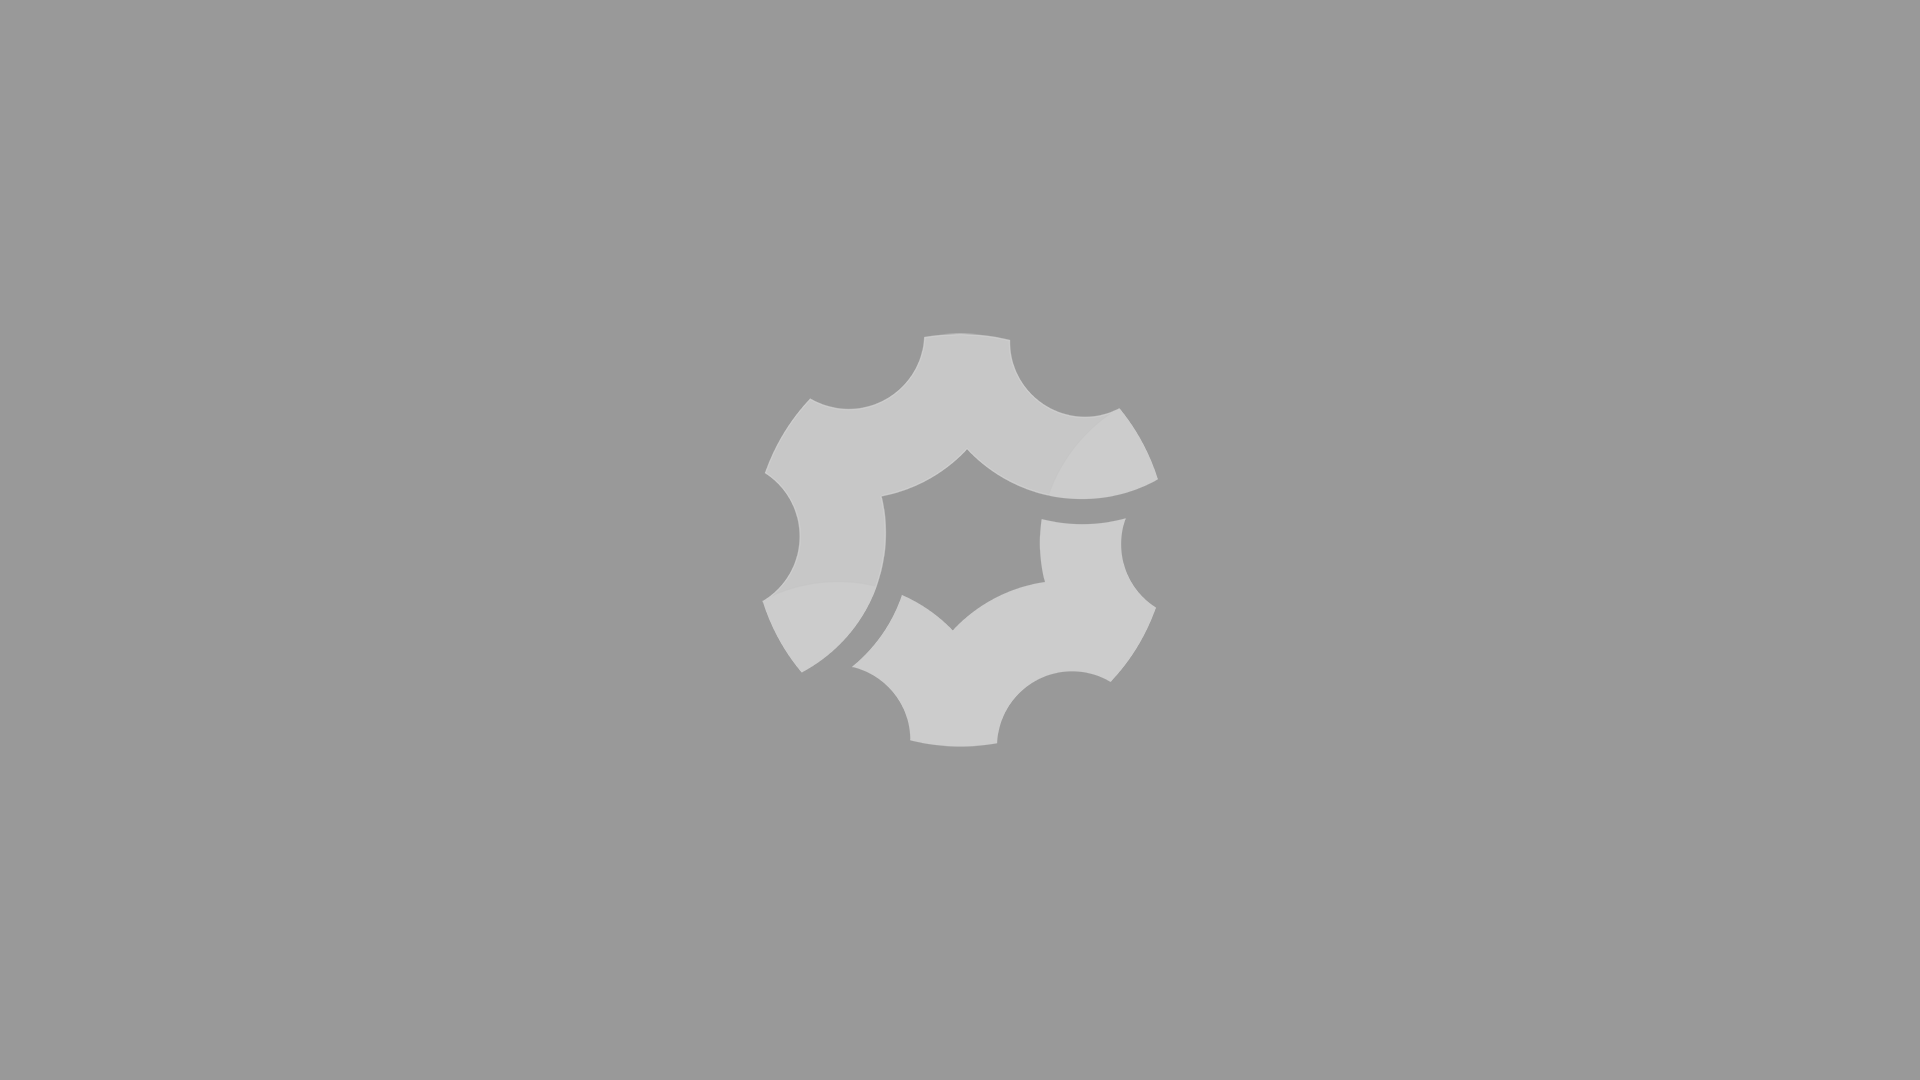 snowrunner_ksiva_p_d7b4f_2021-04-18_11_44_05.png